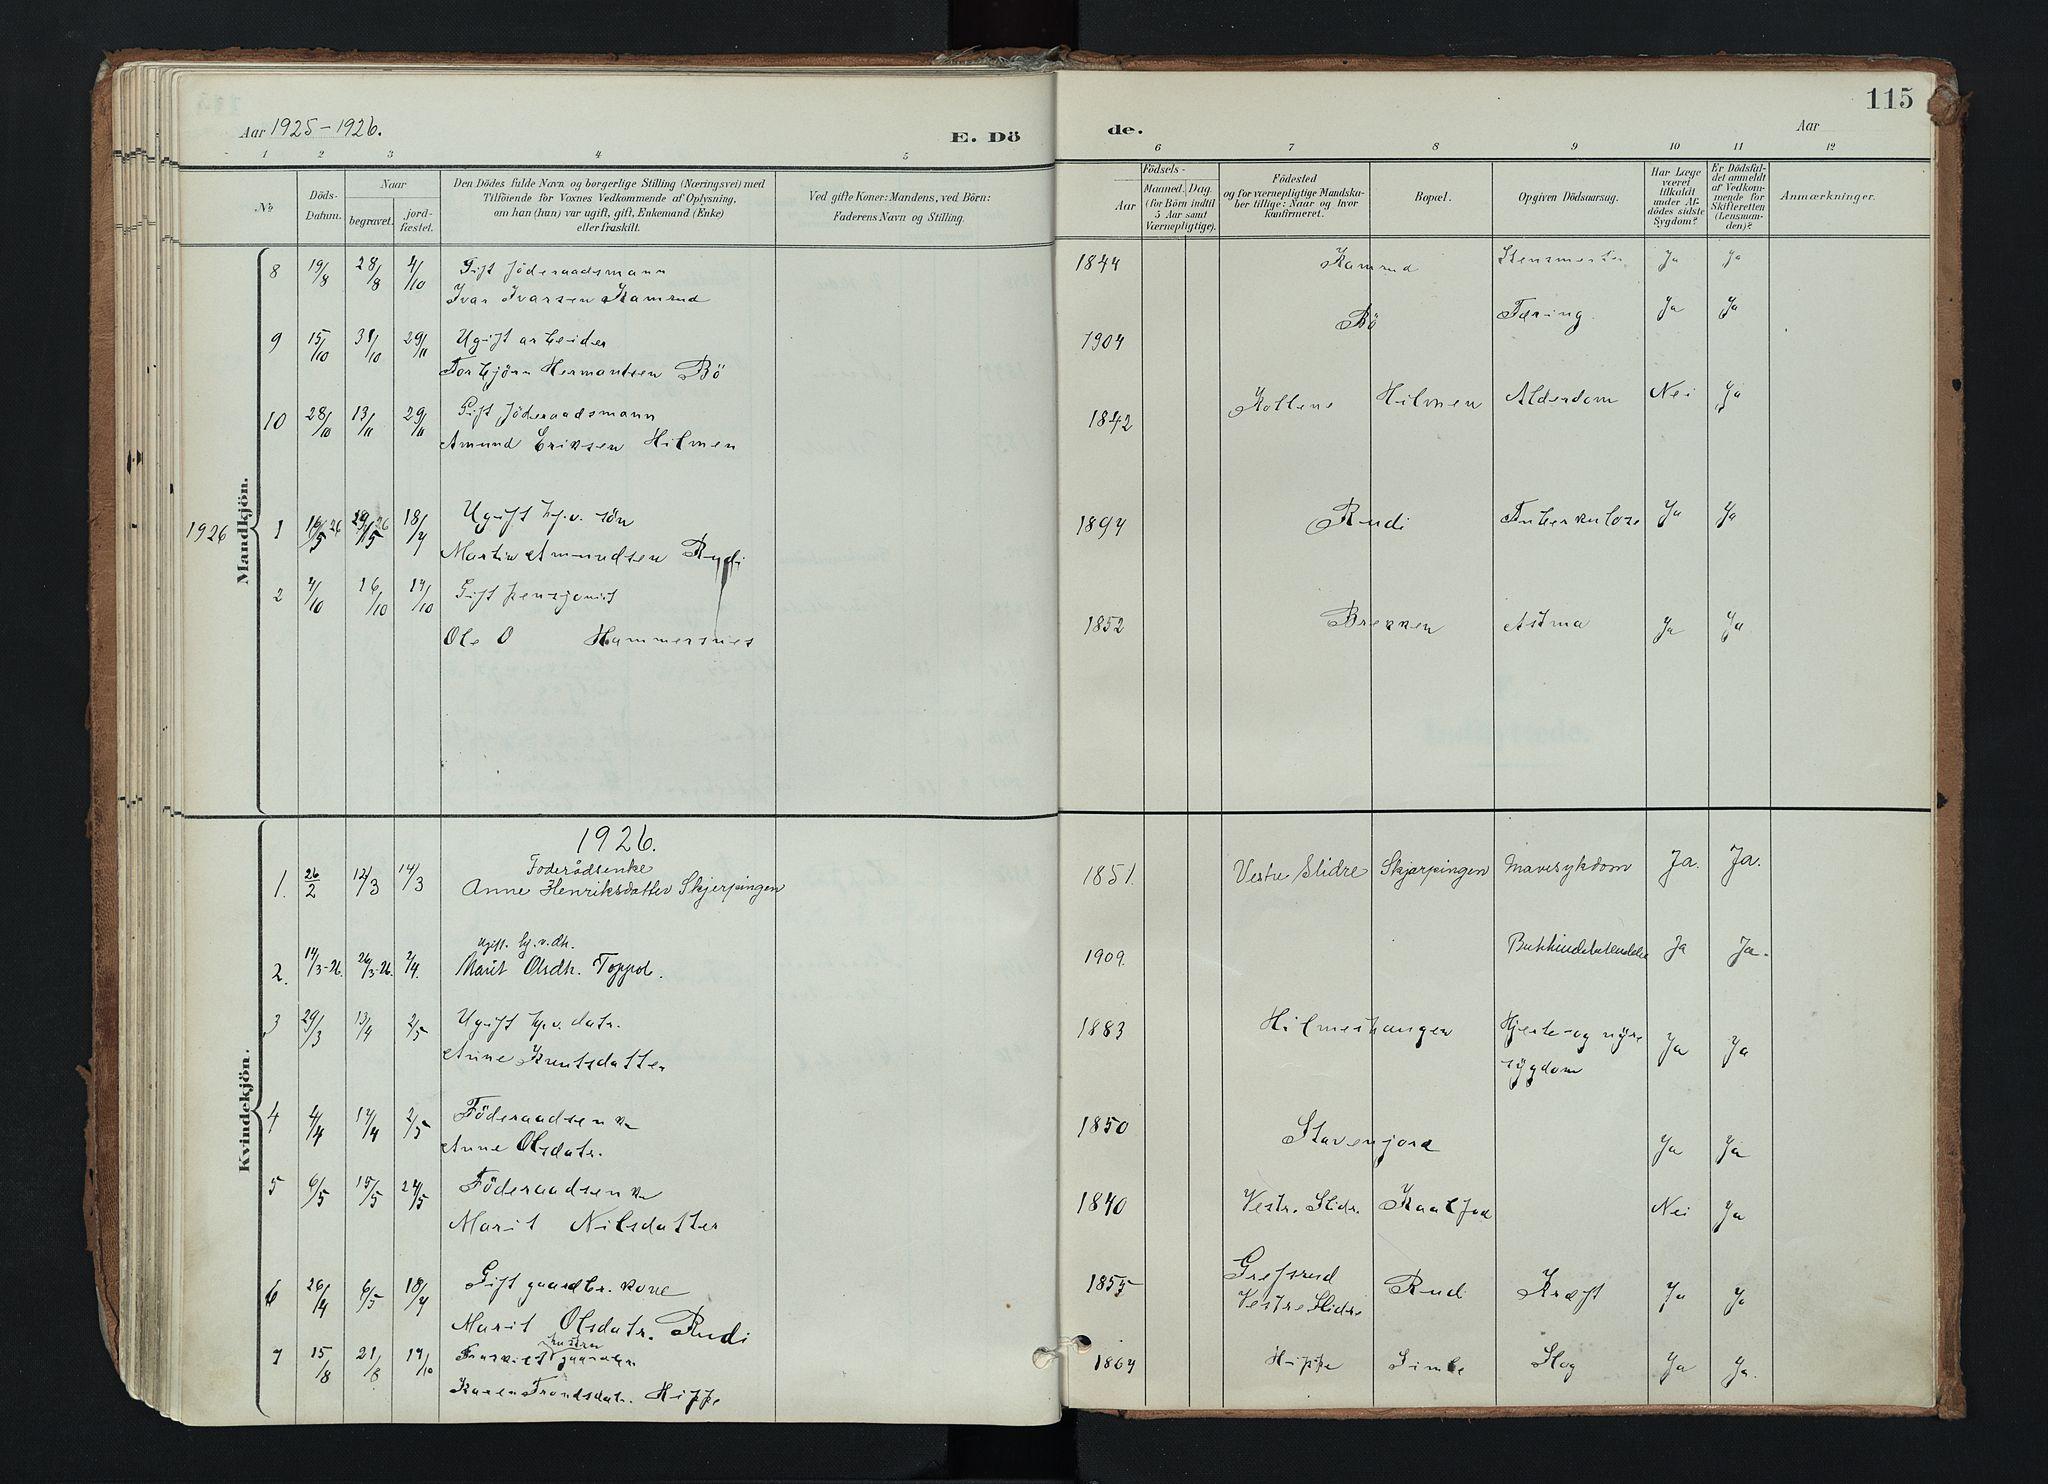 SAH, Nord-Aurdal prestekontor, Parish register (official) no. 17, 1897-1926, p. 115